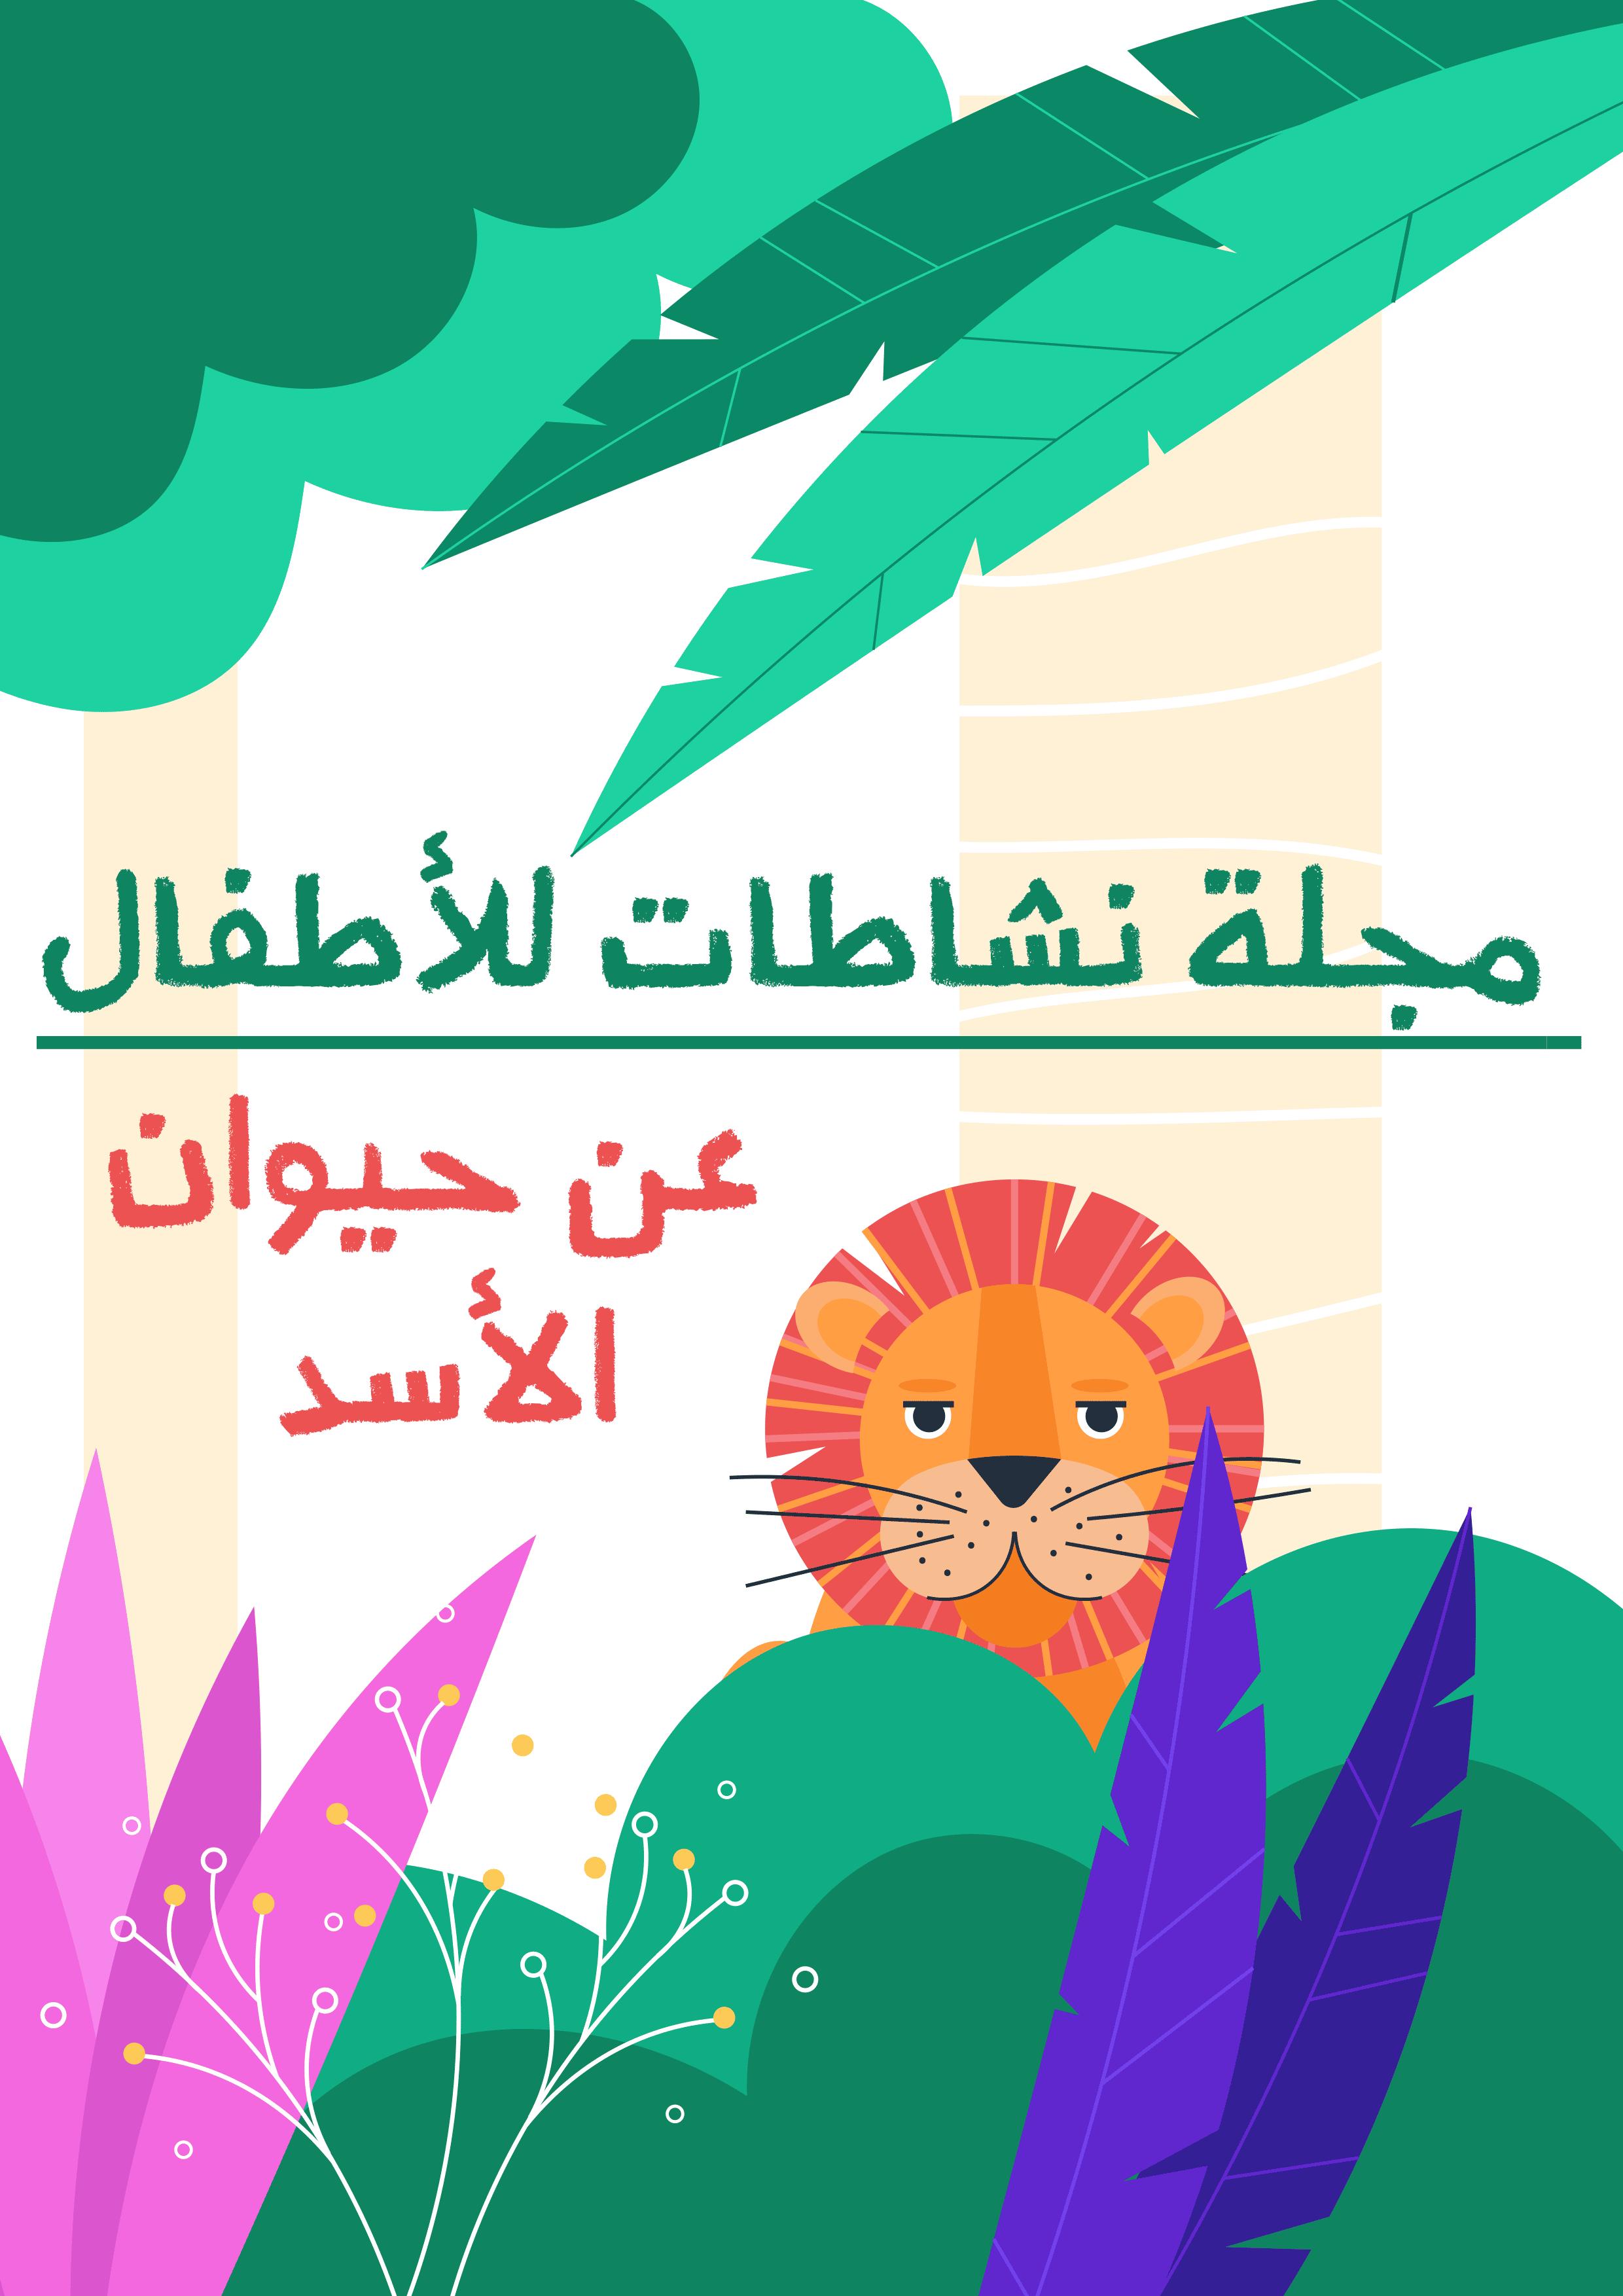 مجموعة من نشاطات للأطفال عن حيوان الأسد